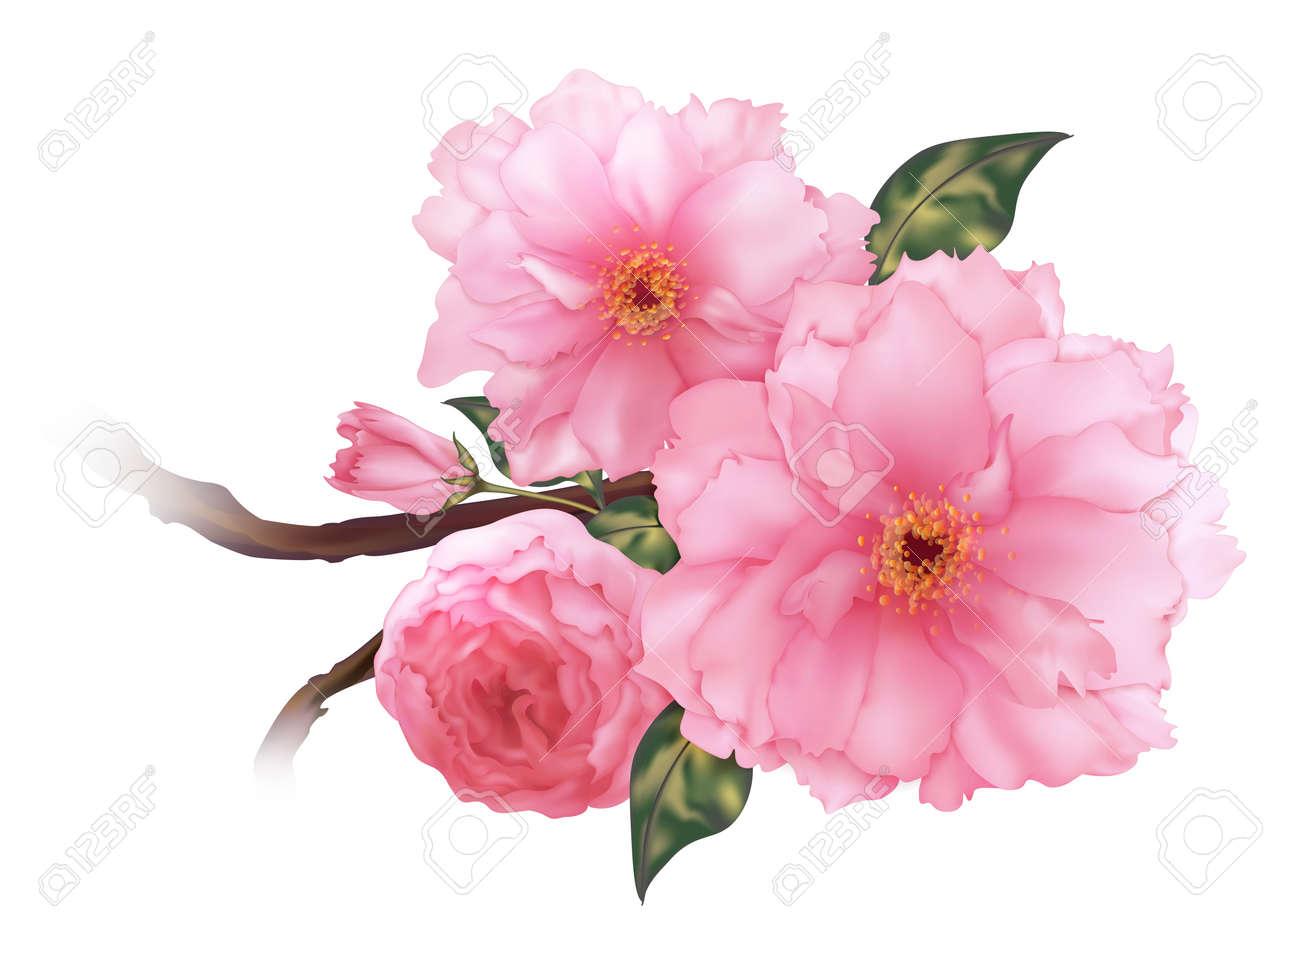 3 D のリアルなピンク桜さくらの花 Bのイラスト素材ベクタ Image